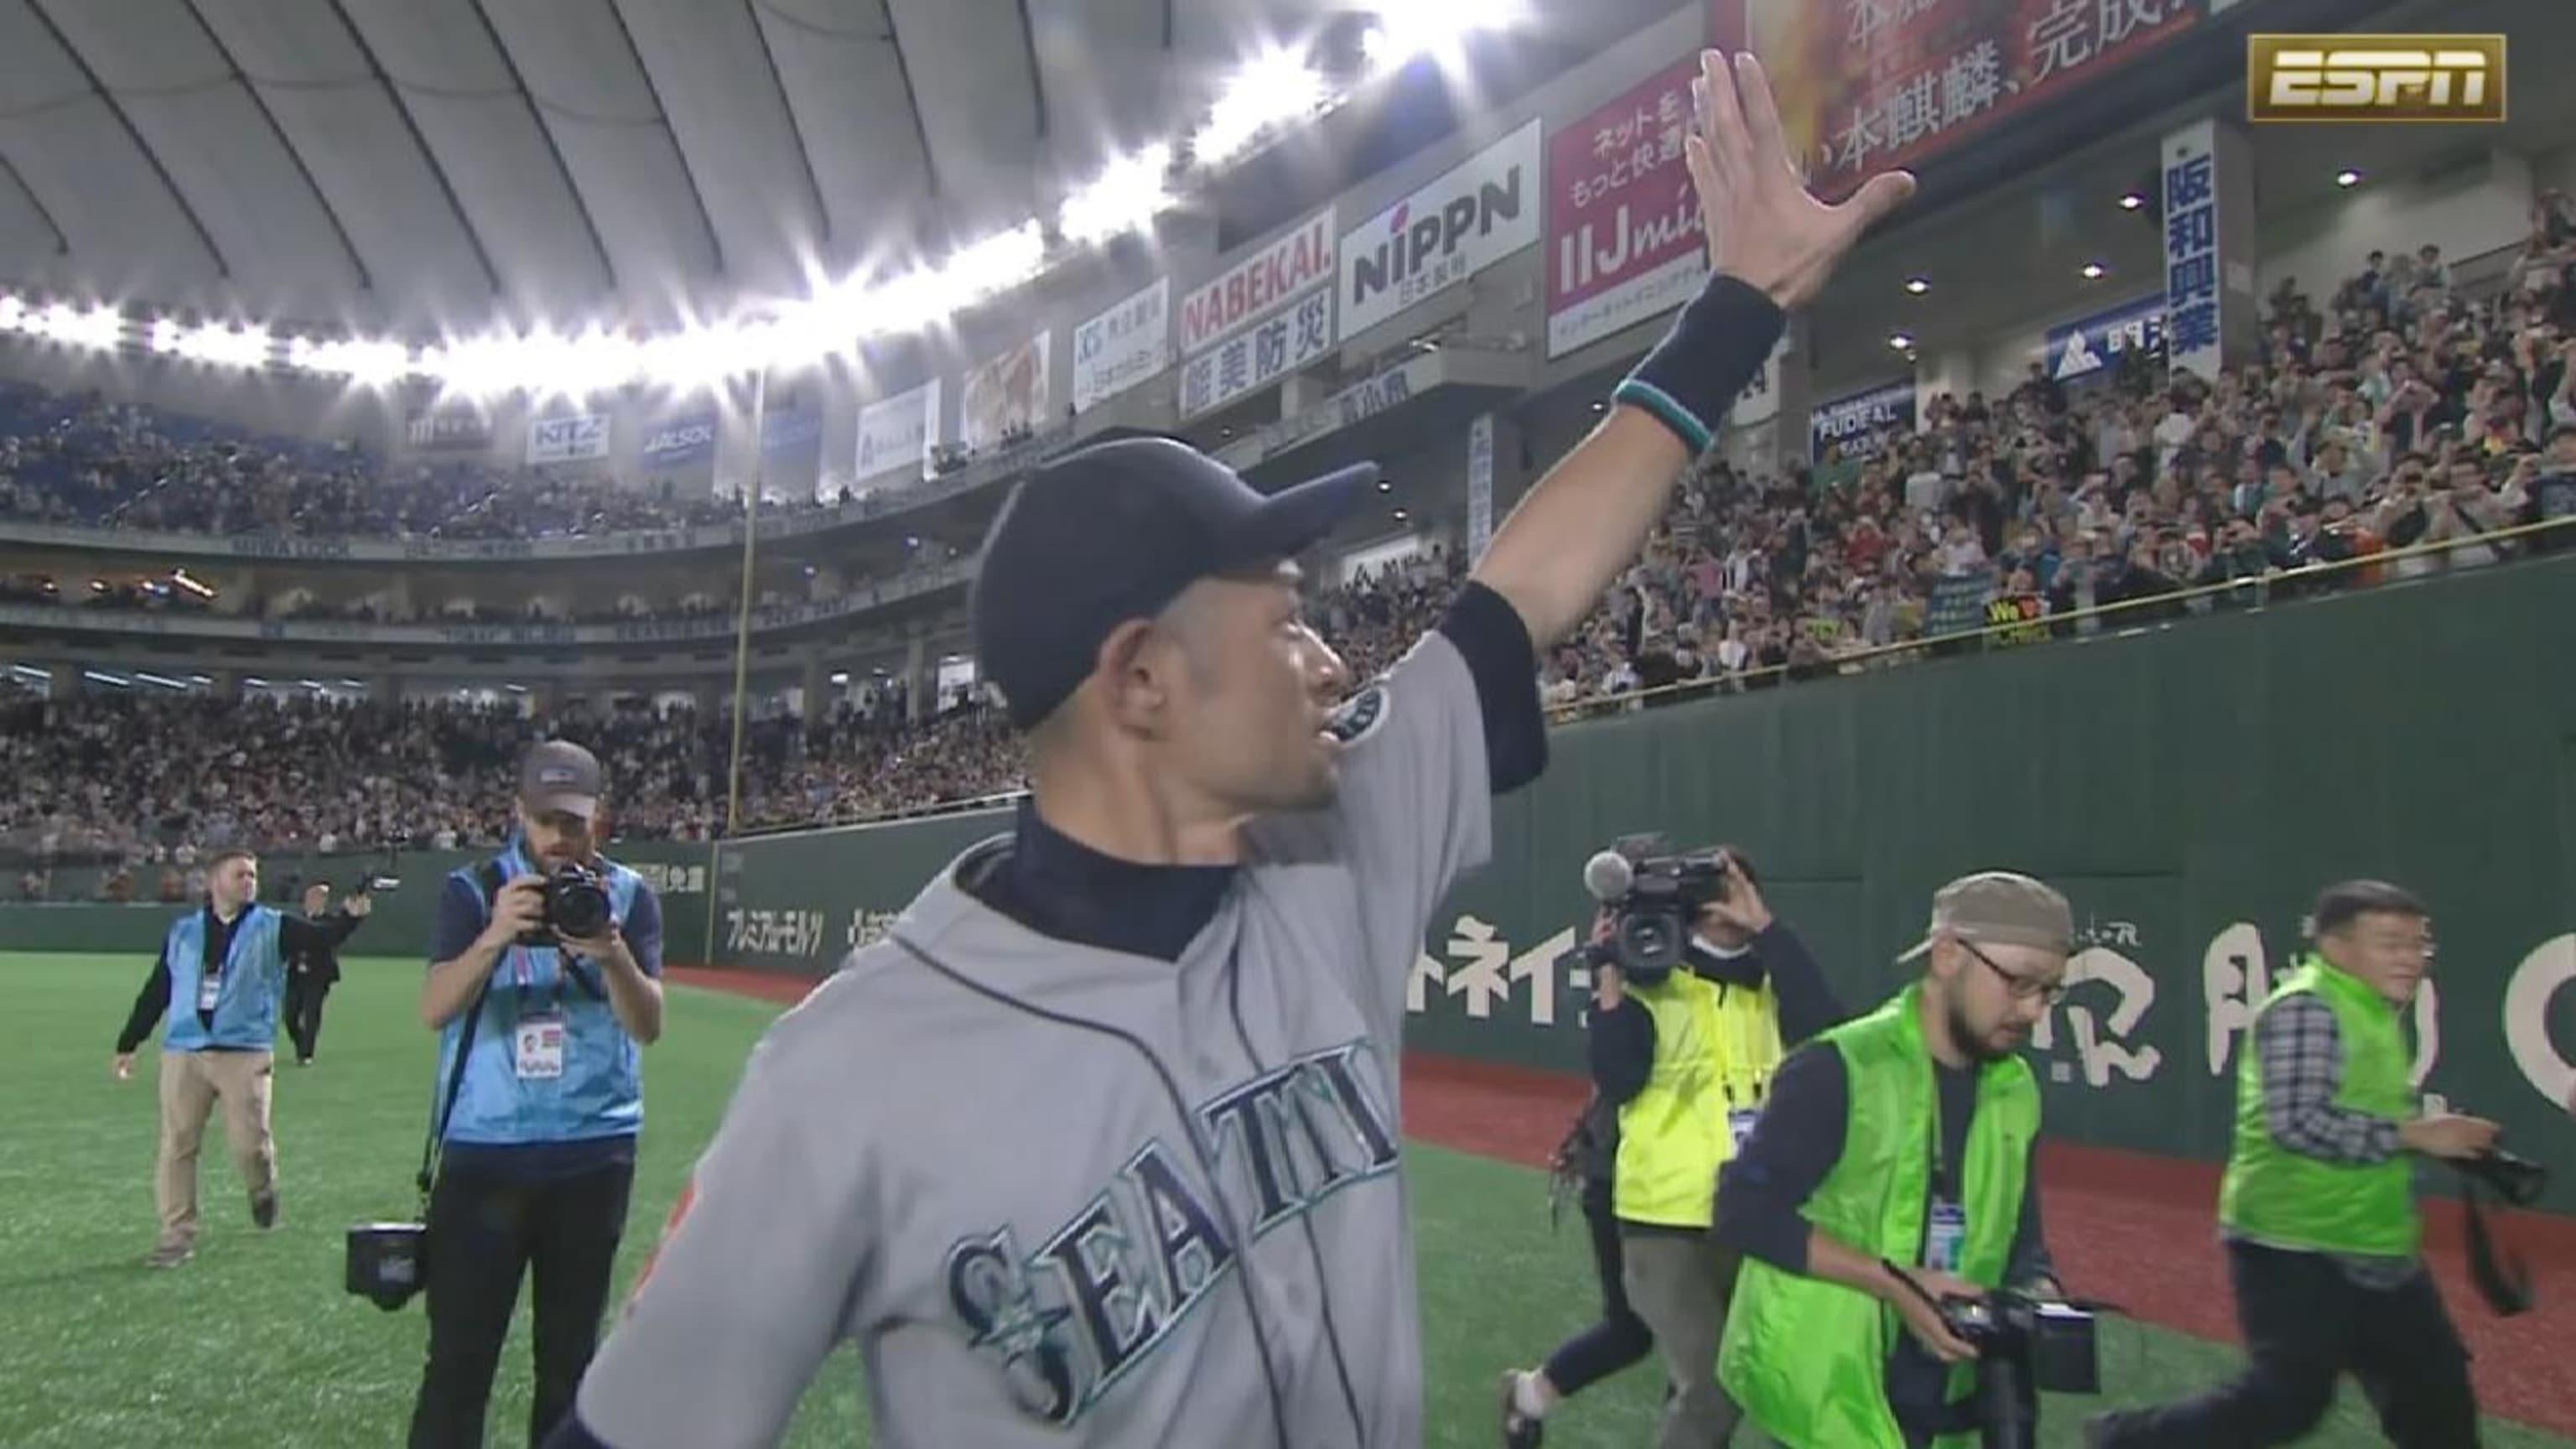 La despedida de Ichiro en Japón